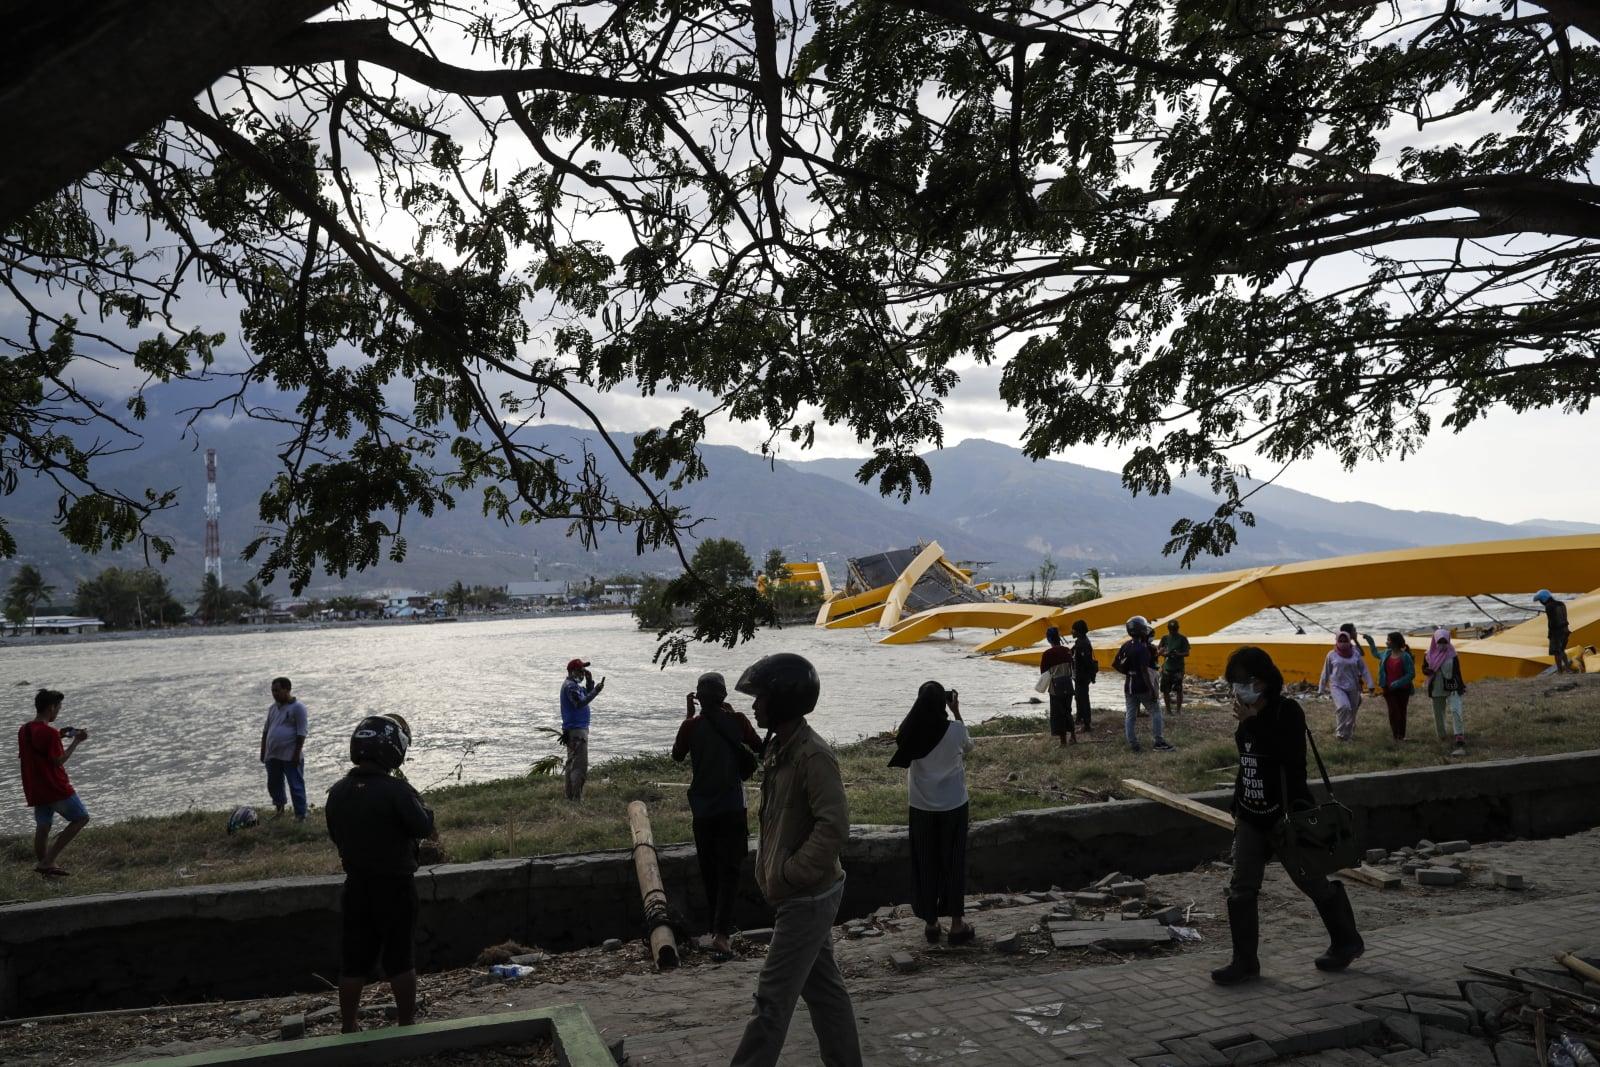 Skutki tsunami i trzęsienia ziemi w Indonezji EPA/MAST IRHAM